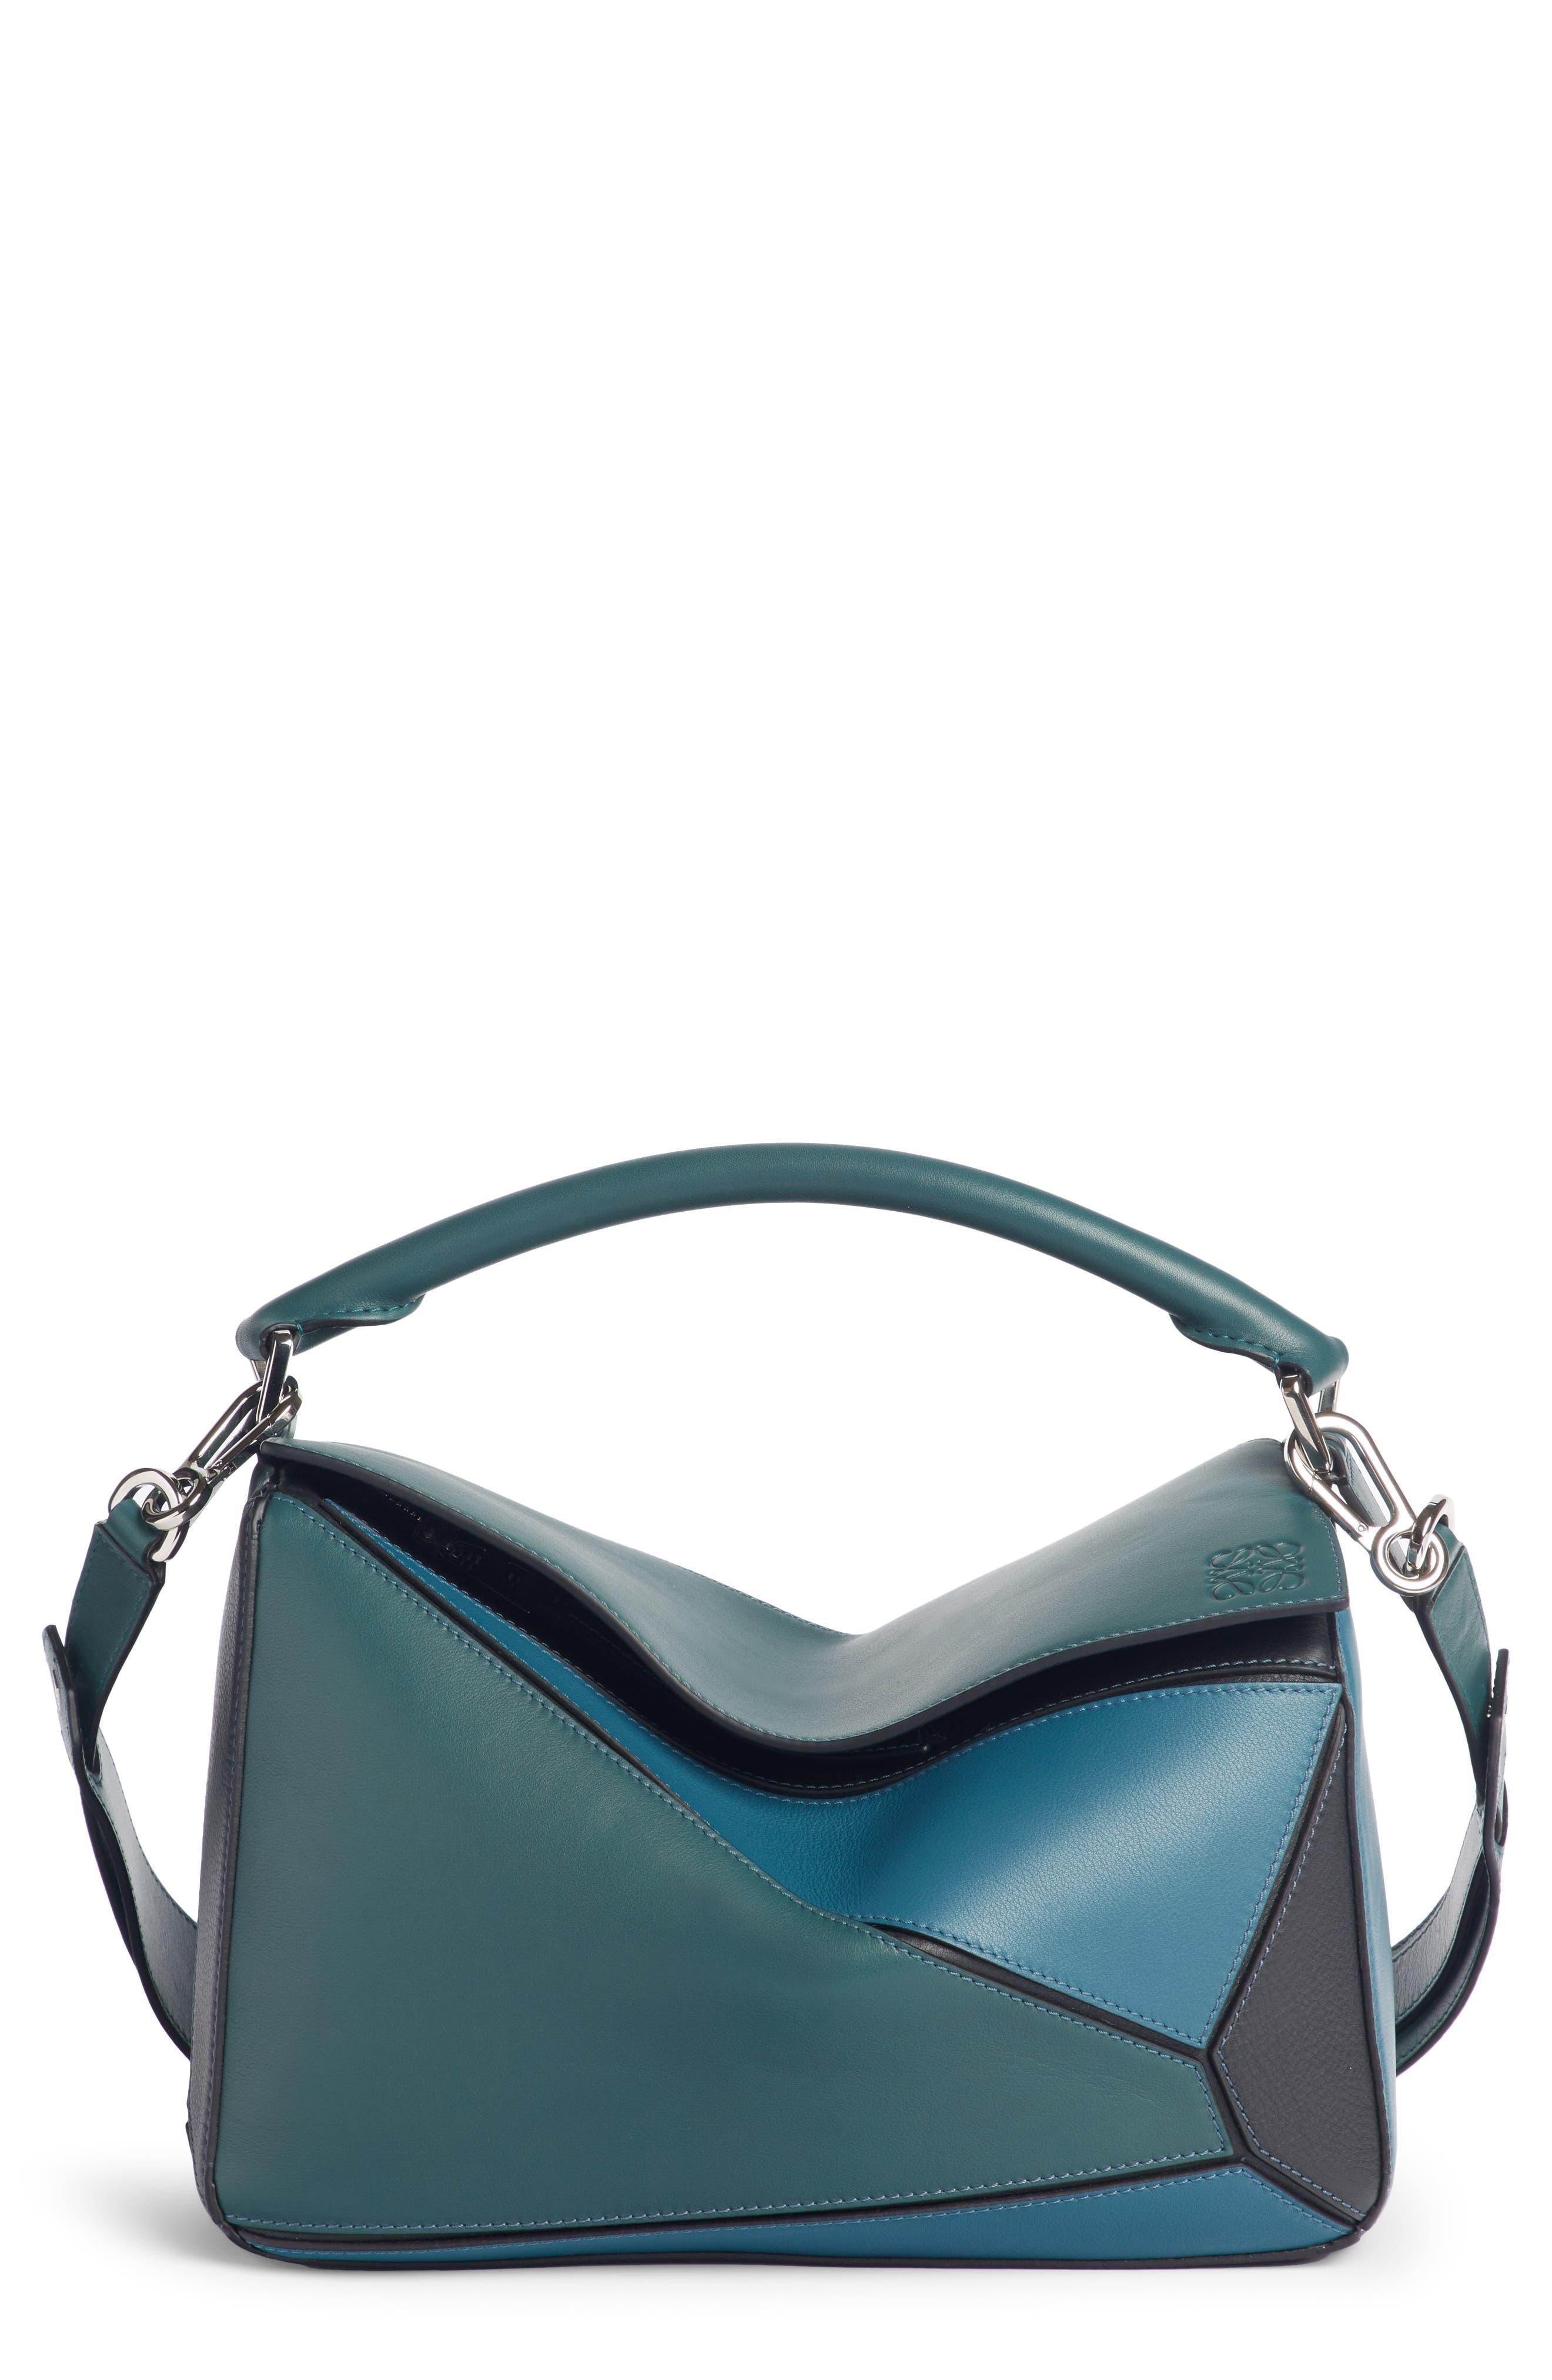 Medium Puzzle Calfskin Leather Shoulder Bag,                             Main thumbnail 1, color,                             PETROLEUM BLUE/ CYPRESS